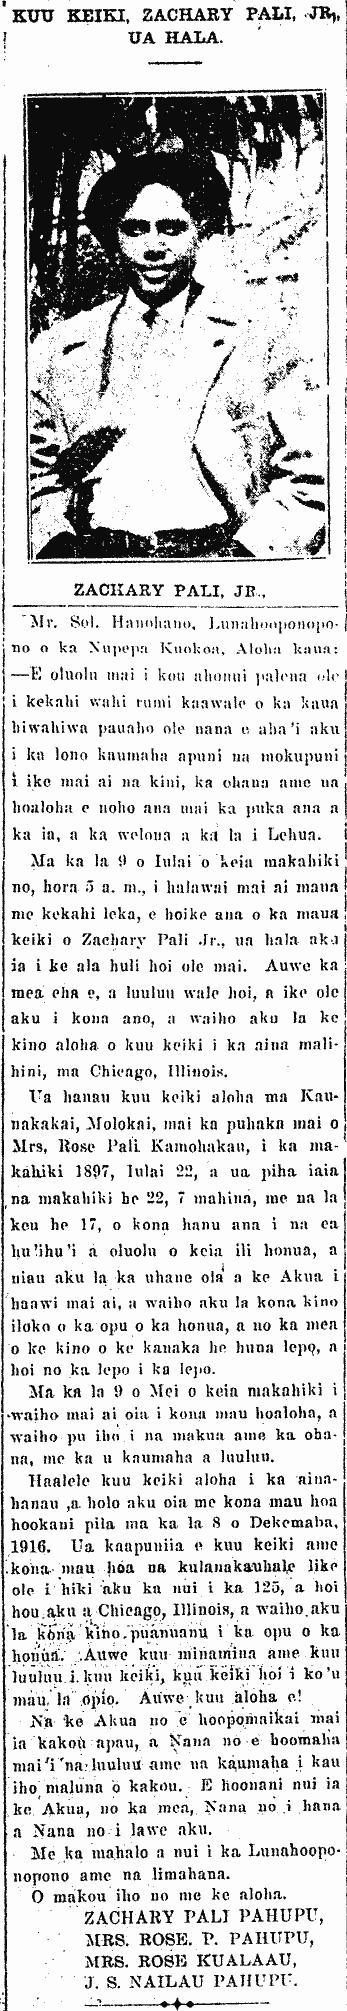 KUU KEIKI, ZACHARY PALI, JR., UA HALA.